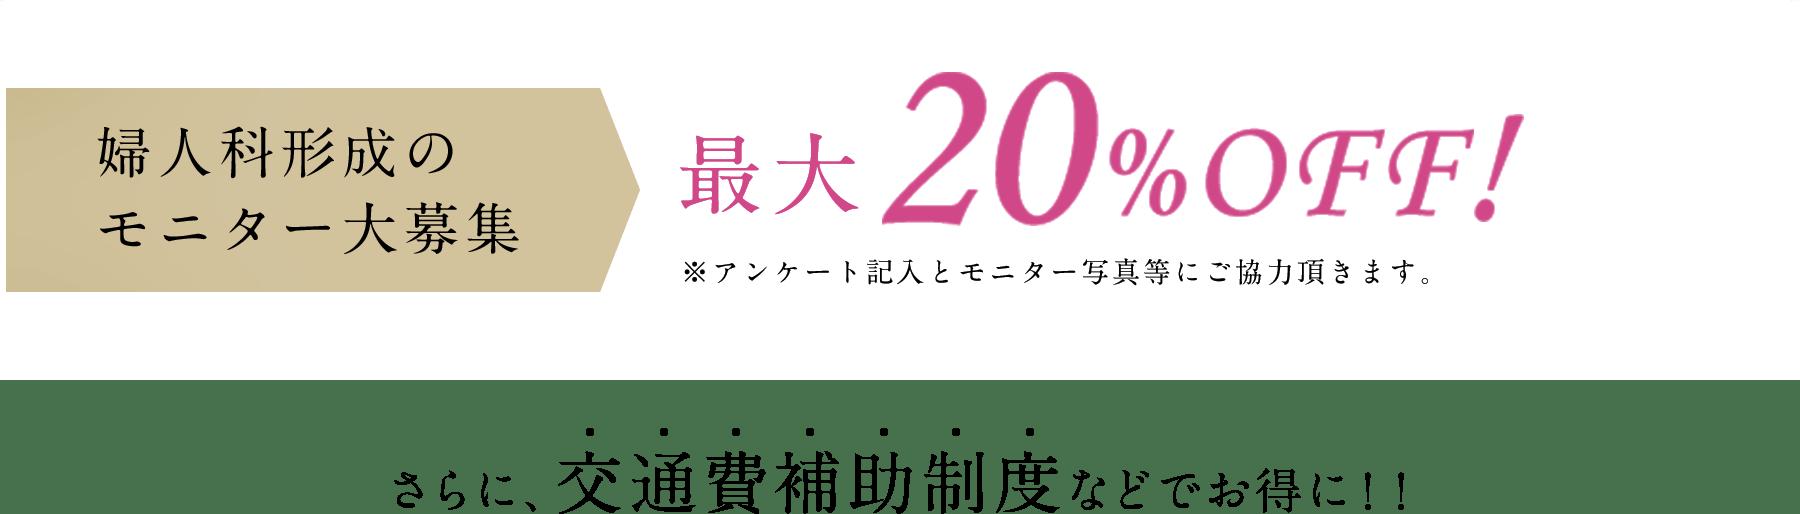 婦人科形成のモニター大募集 最大20%OFF!